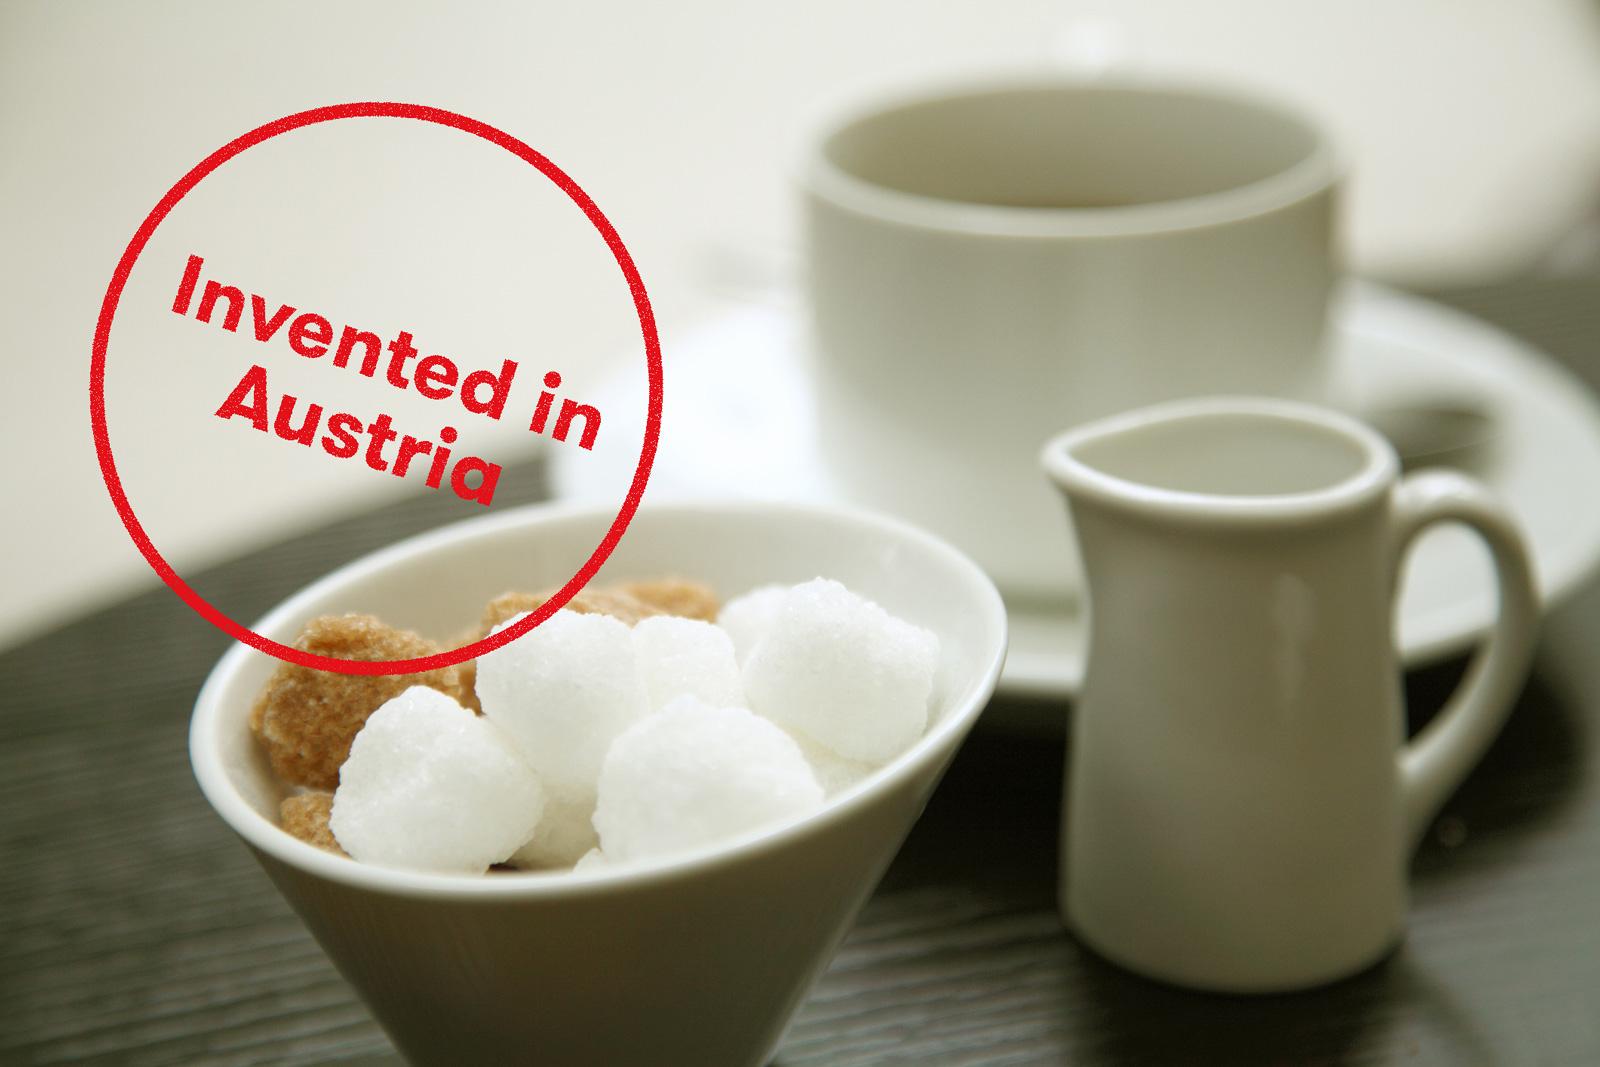 Wie bekommt man Zucker verletzungsfrei in eine Tasse?